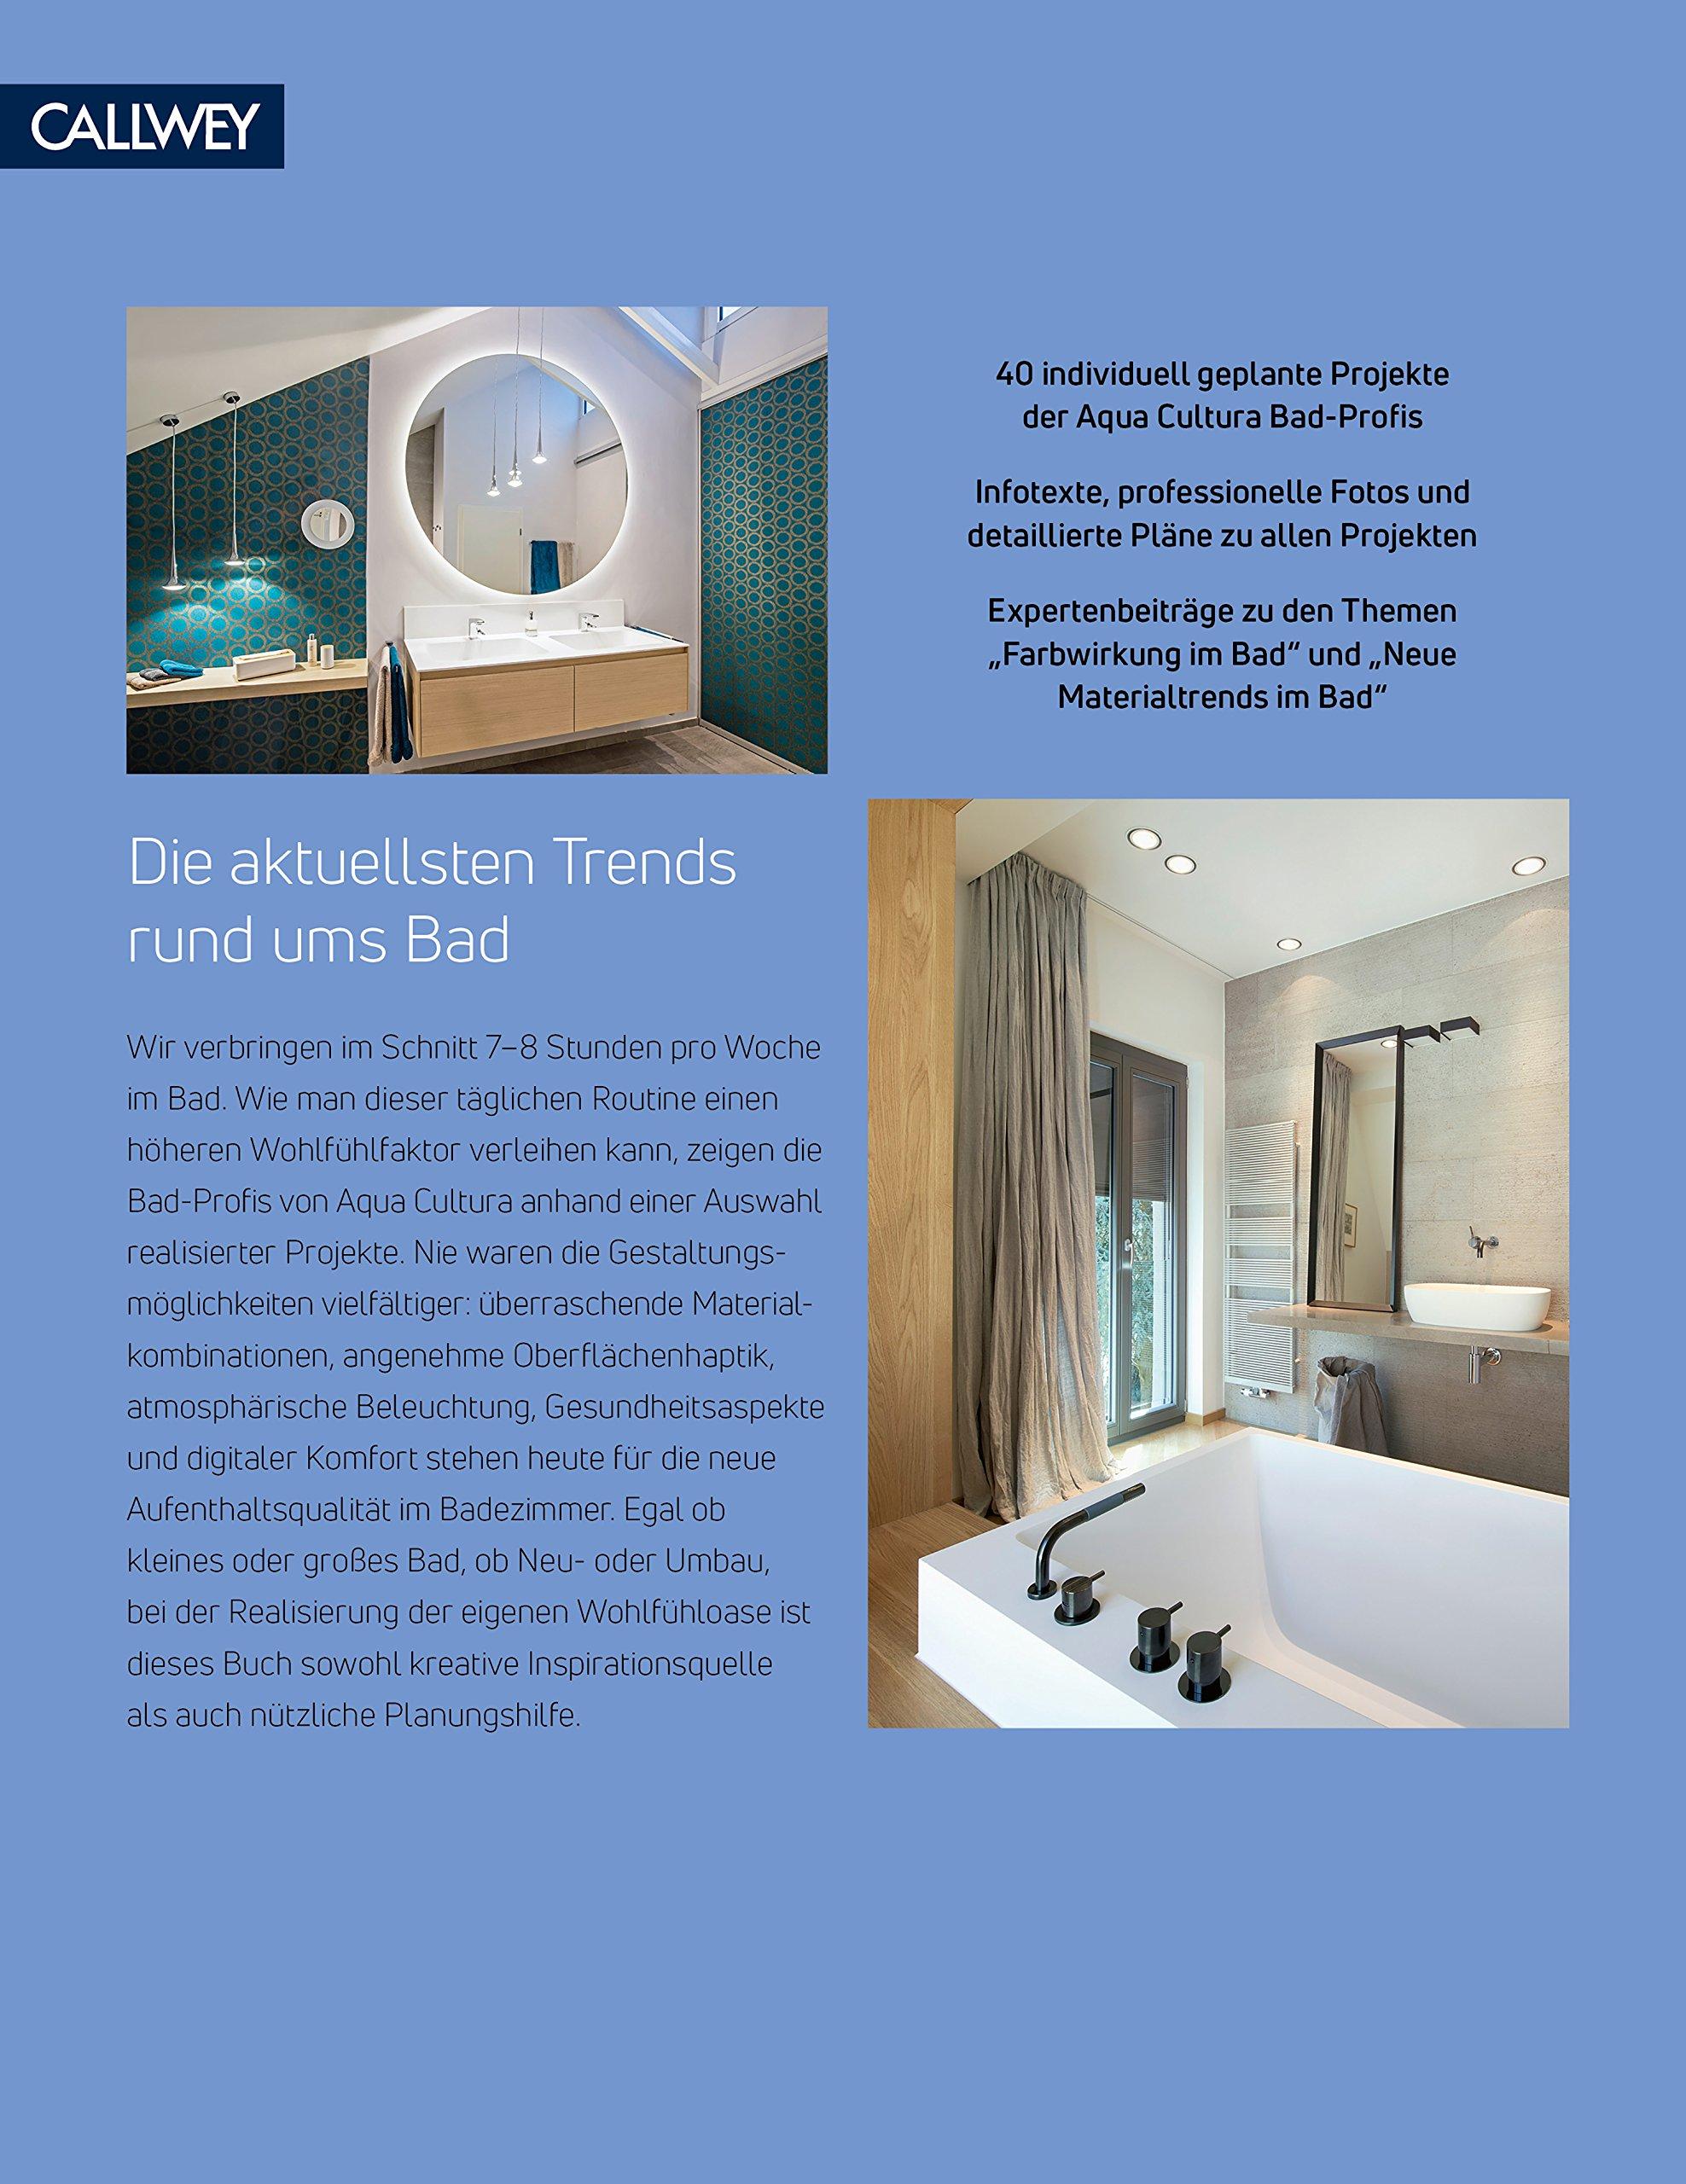 Gemütlich Badezimmer Ausbau Fotos - Heimat Ideen ...